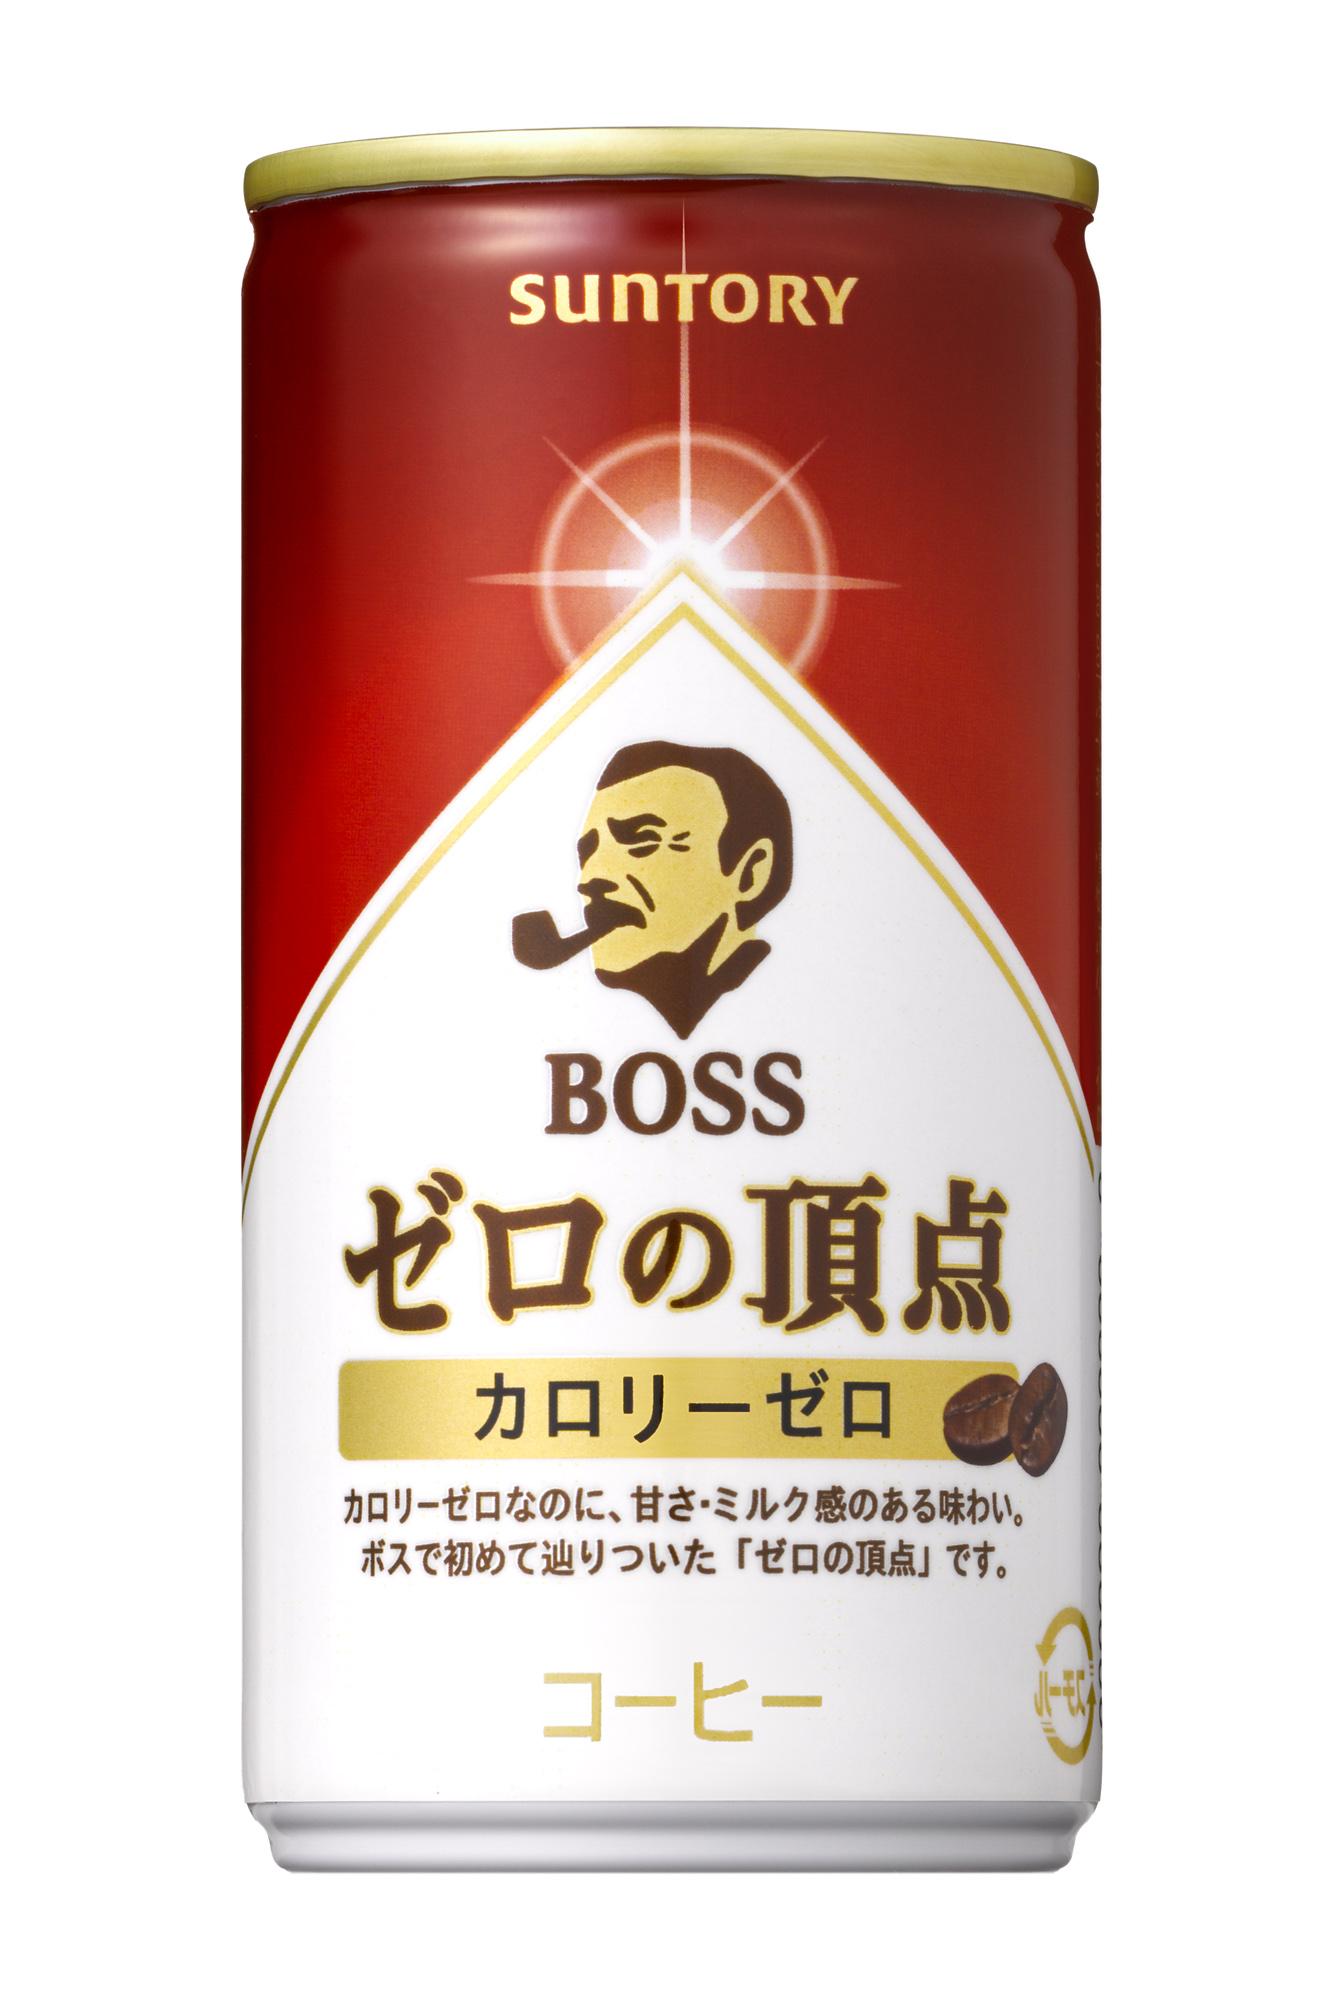 「ボス ゼロの頂点 −カロリーゼロ−」「ボス セ... サントリー食品インターナショナル(株)は